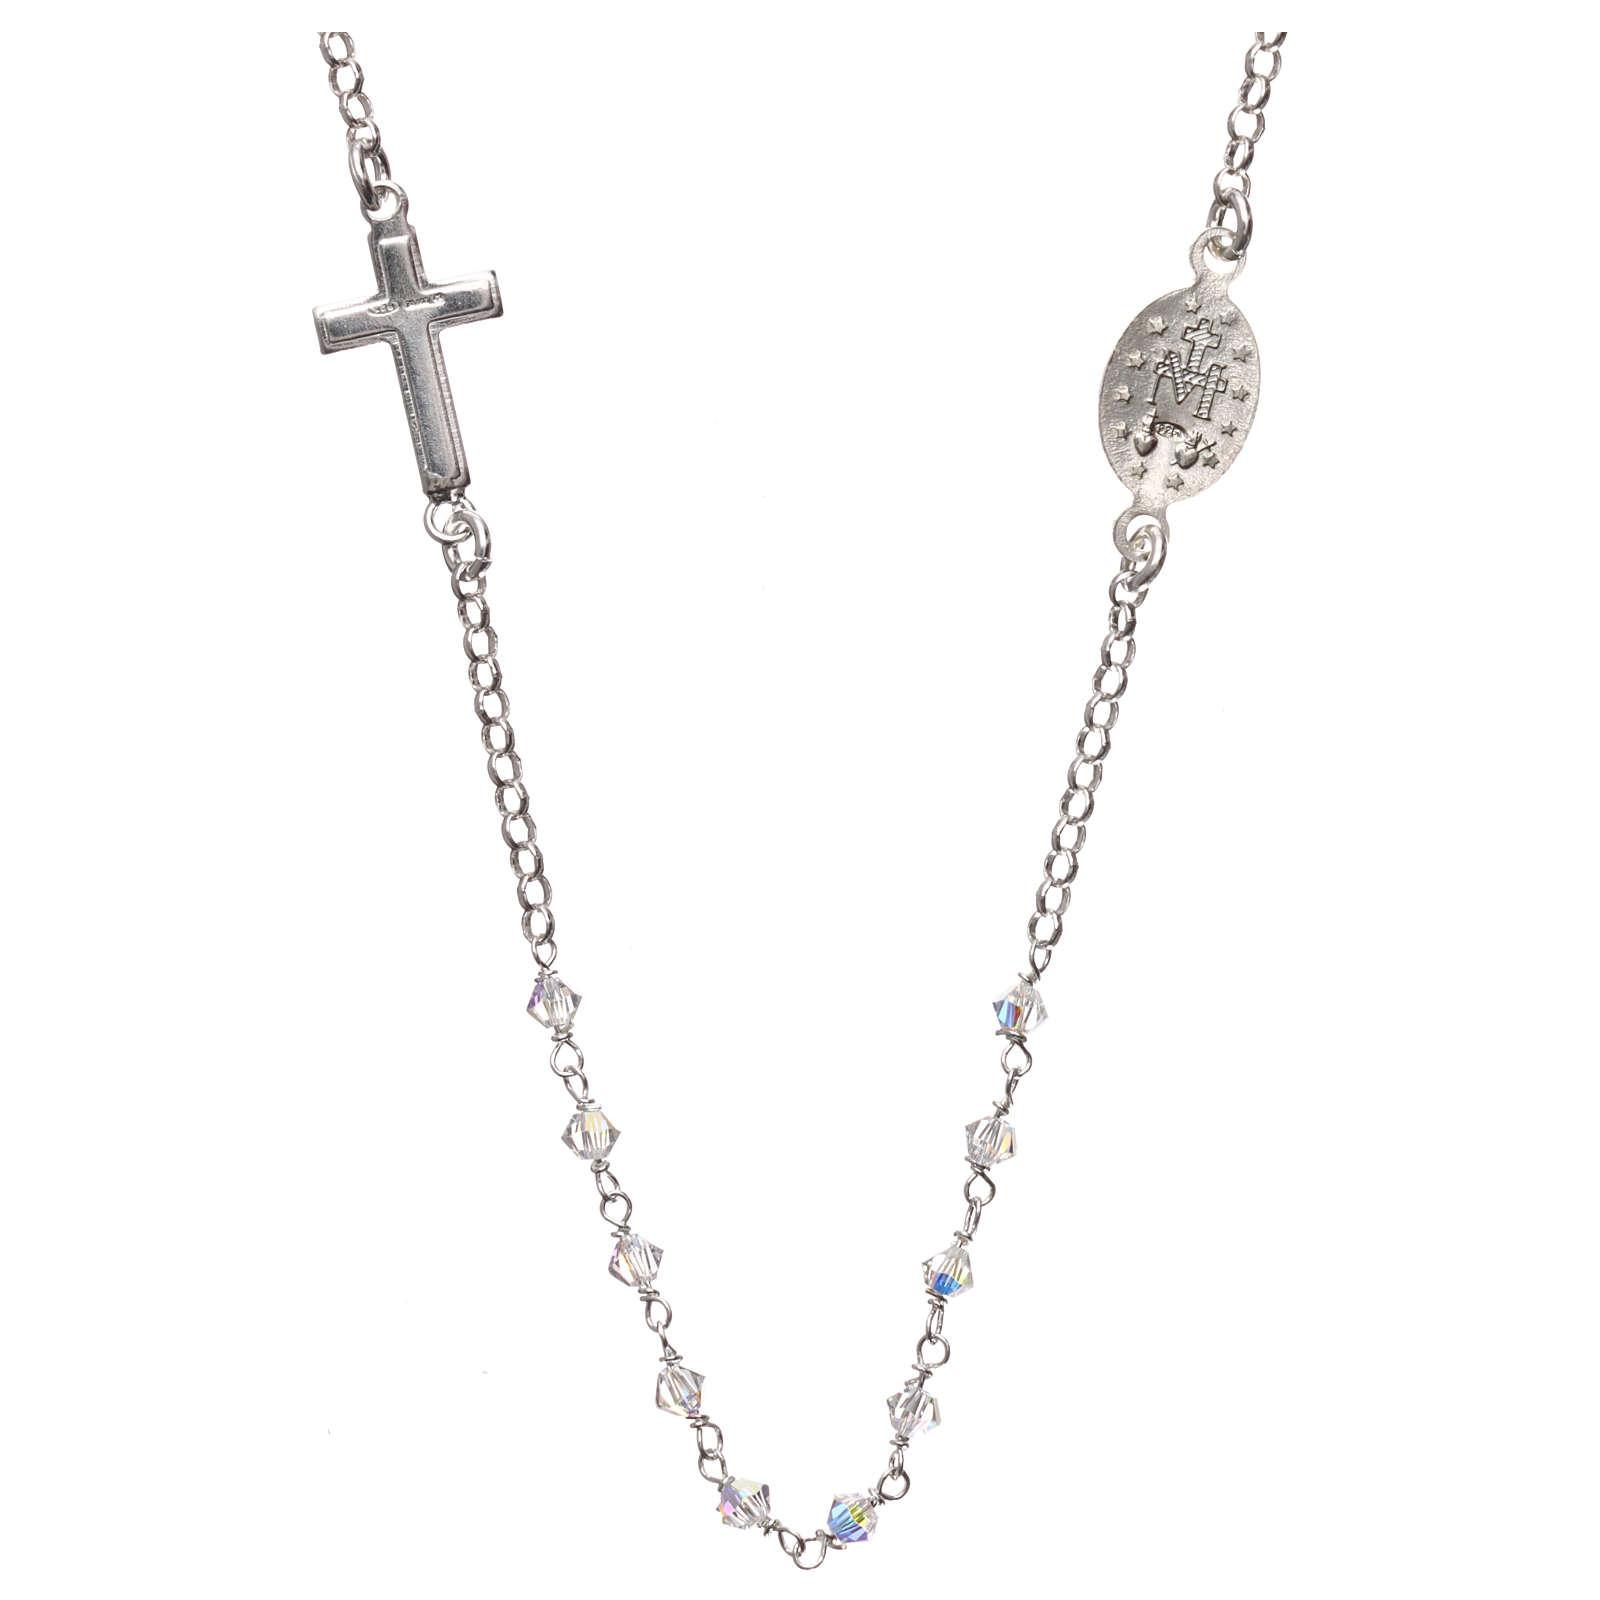 Collana rosario argento 925 con Swarovski trasparenti 4